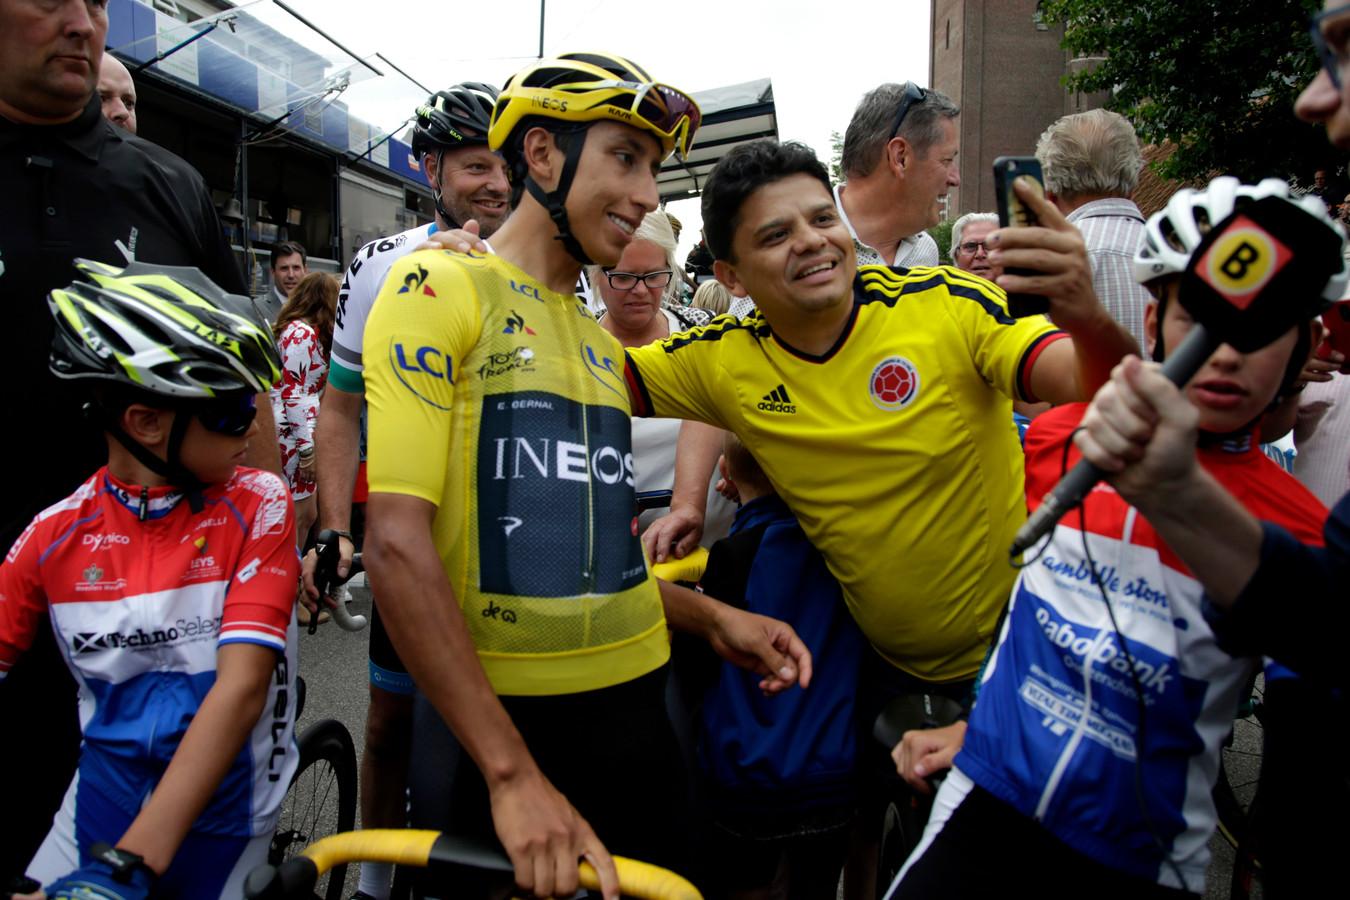 Vorig jaar kon iedereen in Chaam nog gewoon op de foto met Tourwinnaar Egan Bernal.